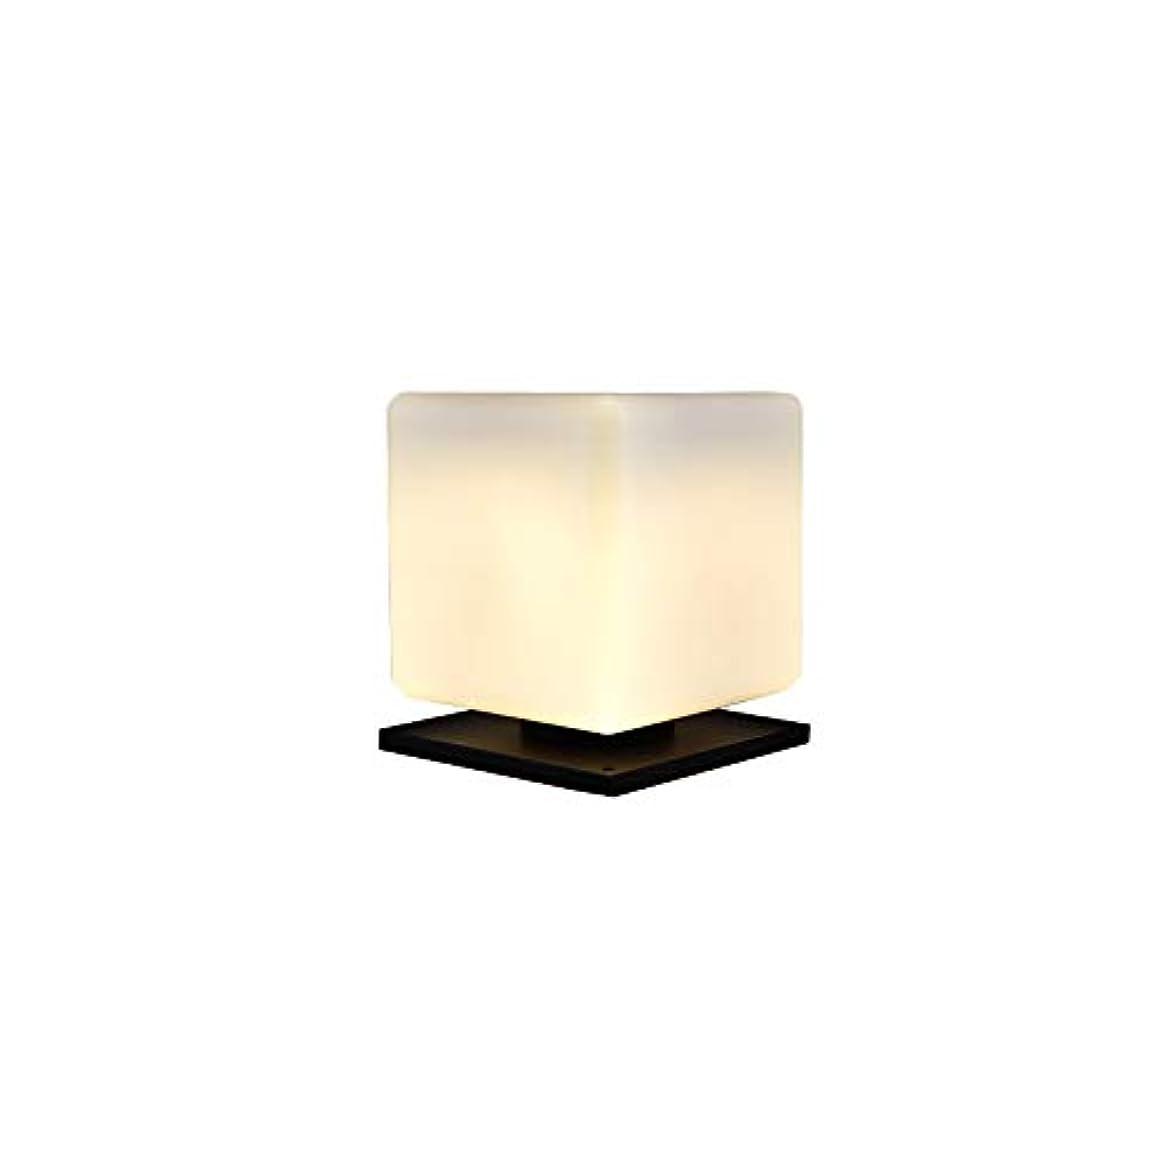 顔料探偵うねるPinjeer E27ソーラー防水アウトドアスクエア2色の調光コラムライト現代のシンプルな金属のアルミアクリルポストライトガーデンホームヴィラ装飾柱ランプ (サイズ : M)